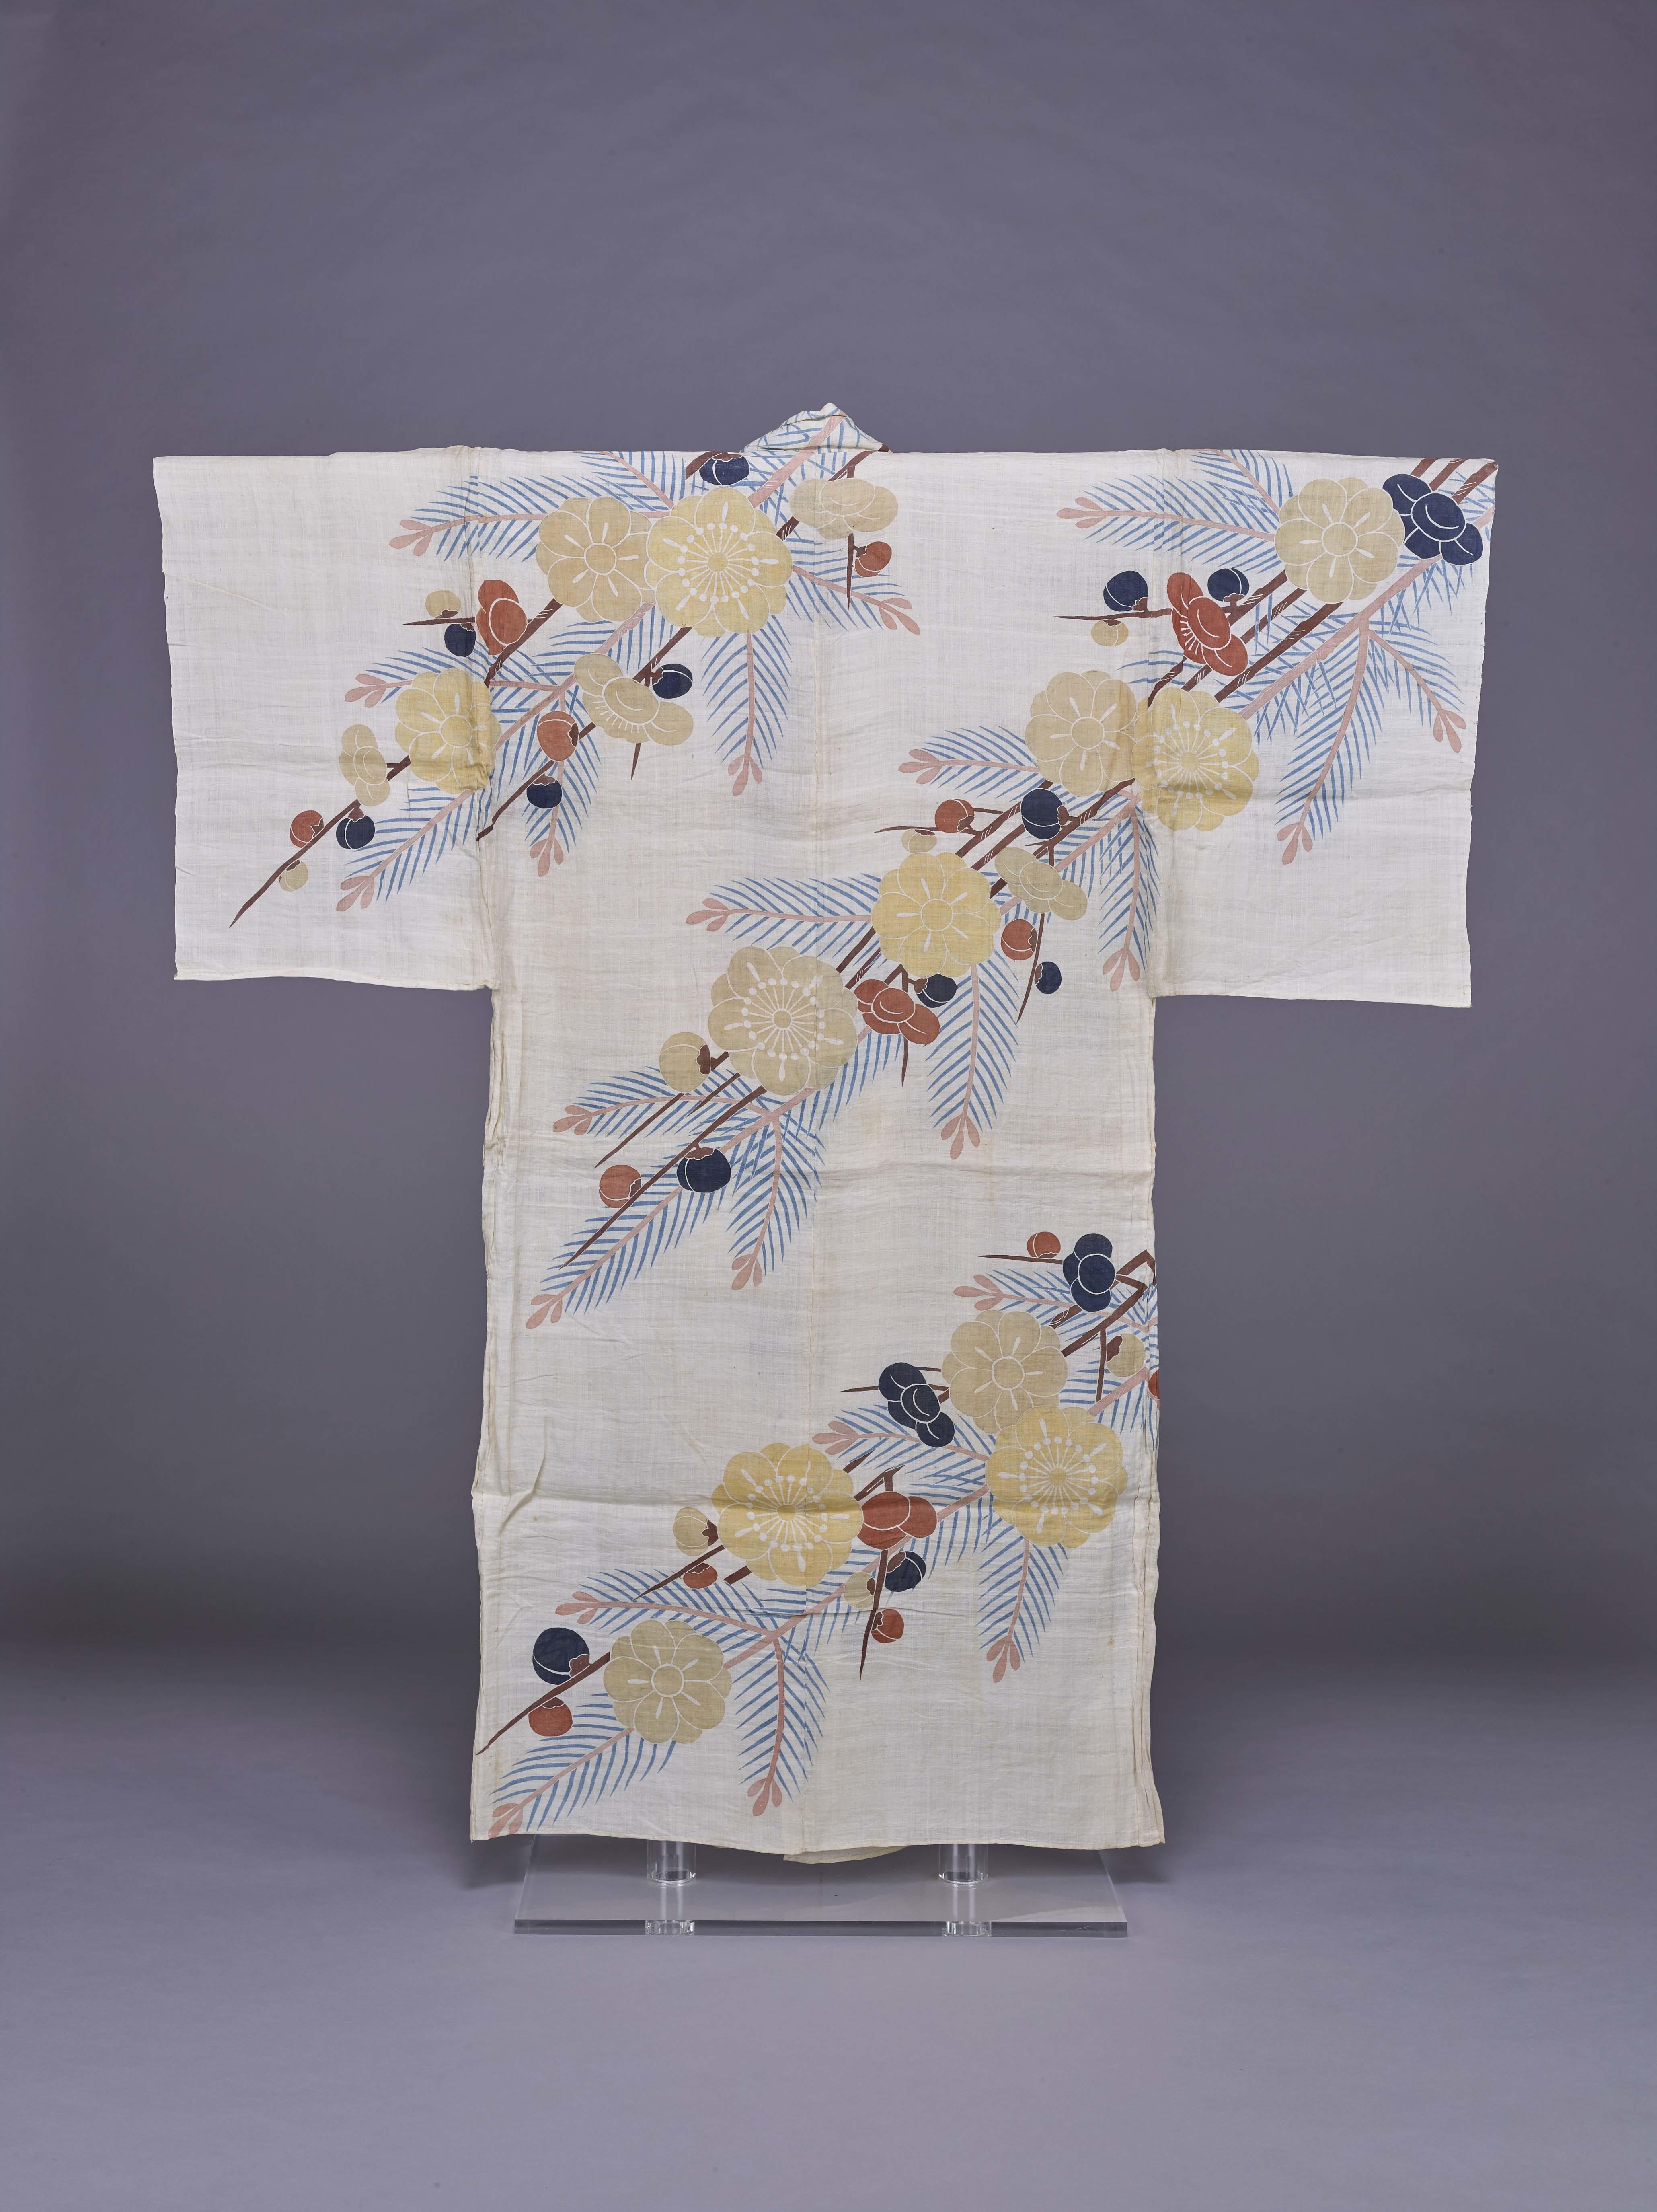 《白麻地槍梅若松模様浴衣》 江戸時代 18世紀後半 東京国立博物館 [後期展示] 画像提供:東京国立博物館 Image:TNM Image Archives